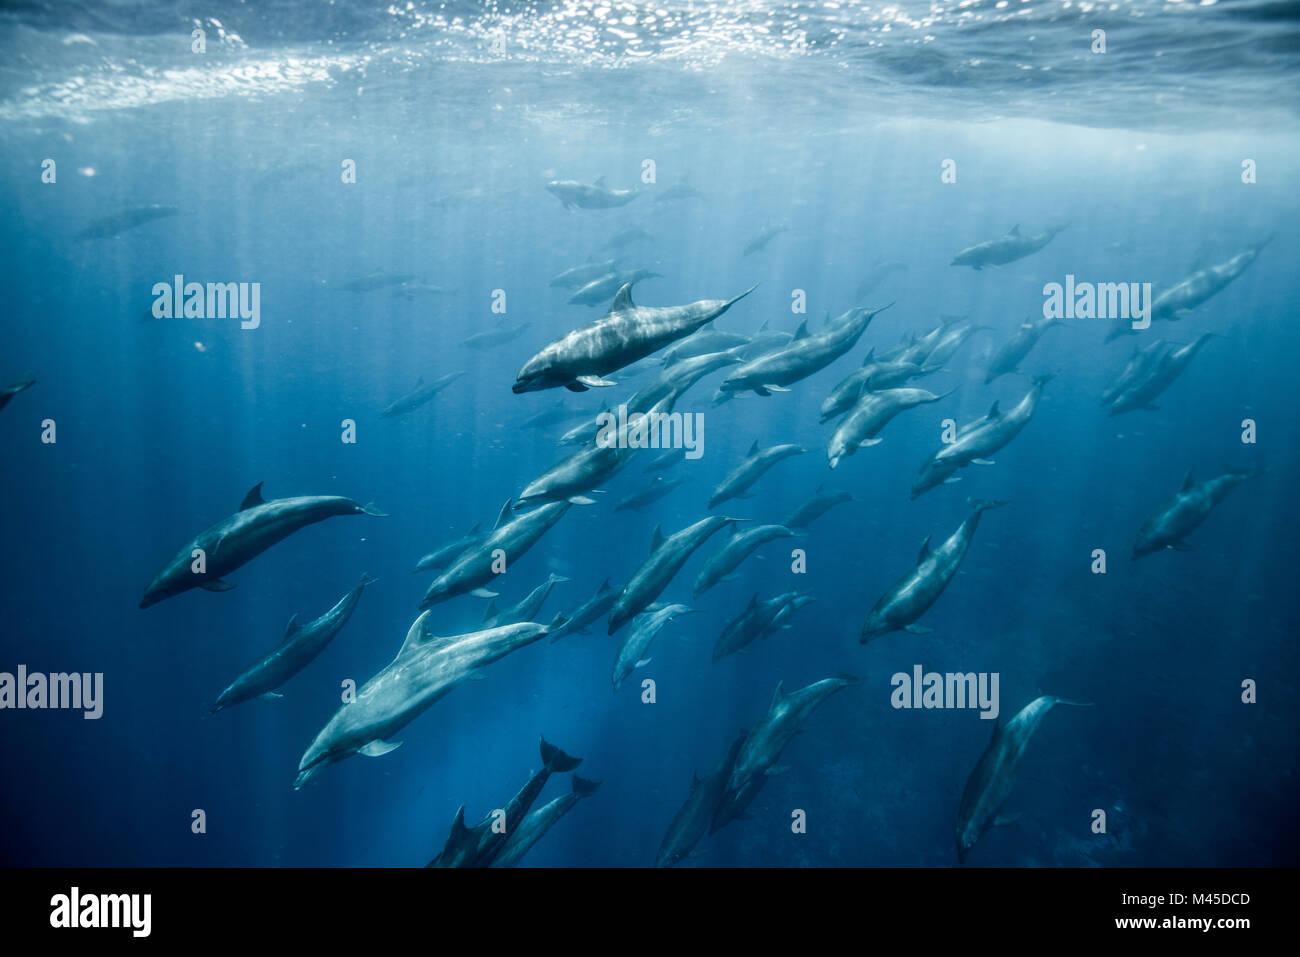 Große Gruppe von Tümmlern, Seymour, Galapagos, Ecuador, Südamerika Stockbild